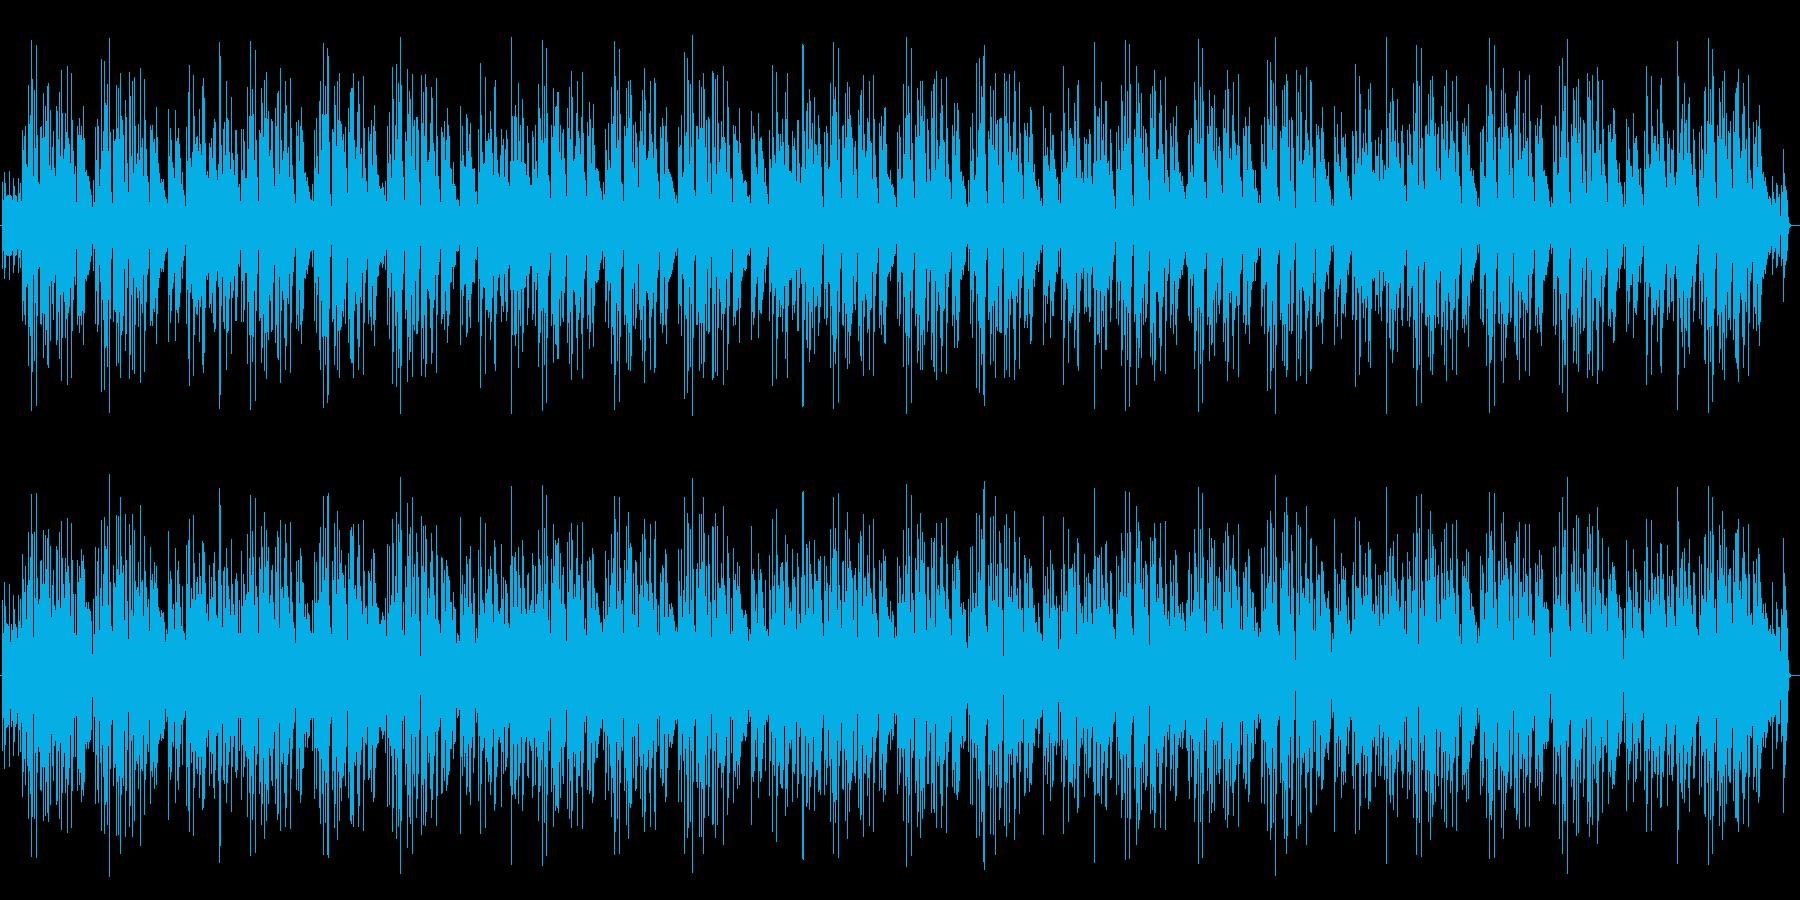 陽気で明るいリズミカルなピアノBGMの再生済みの波形